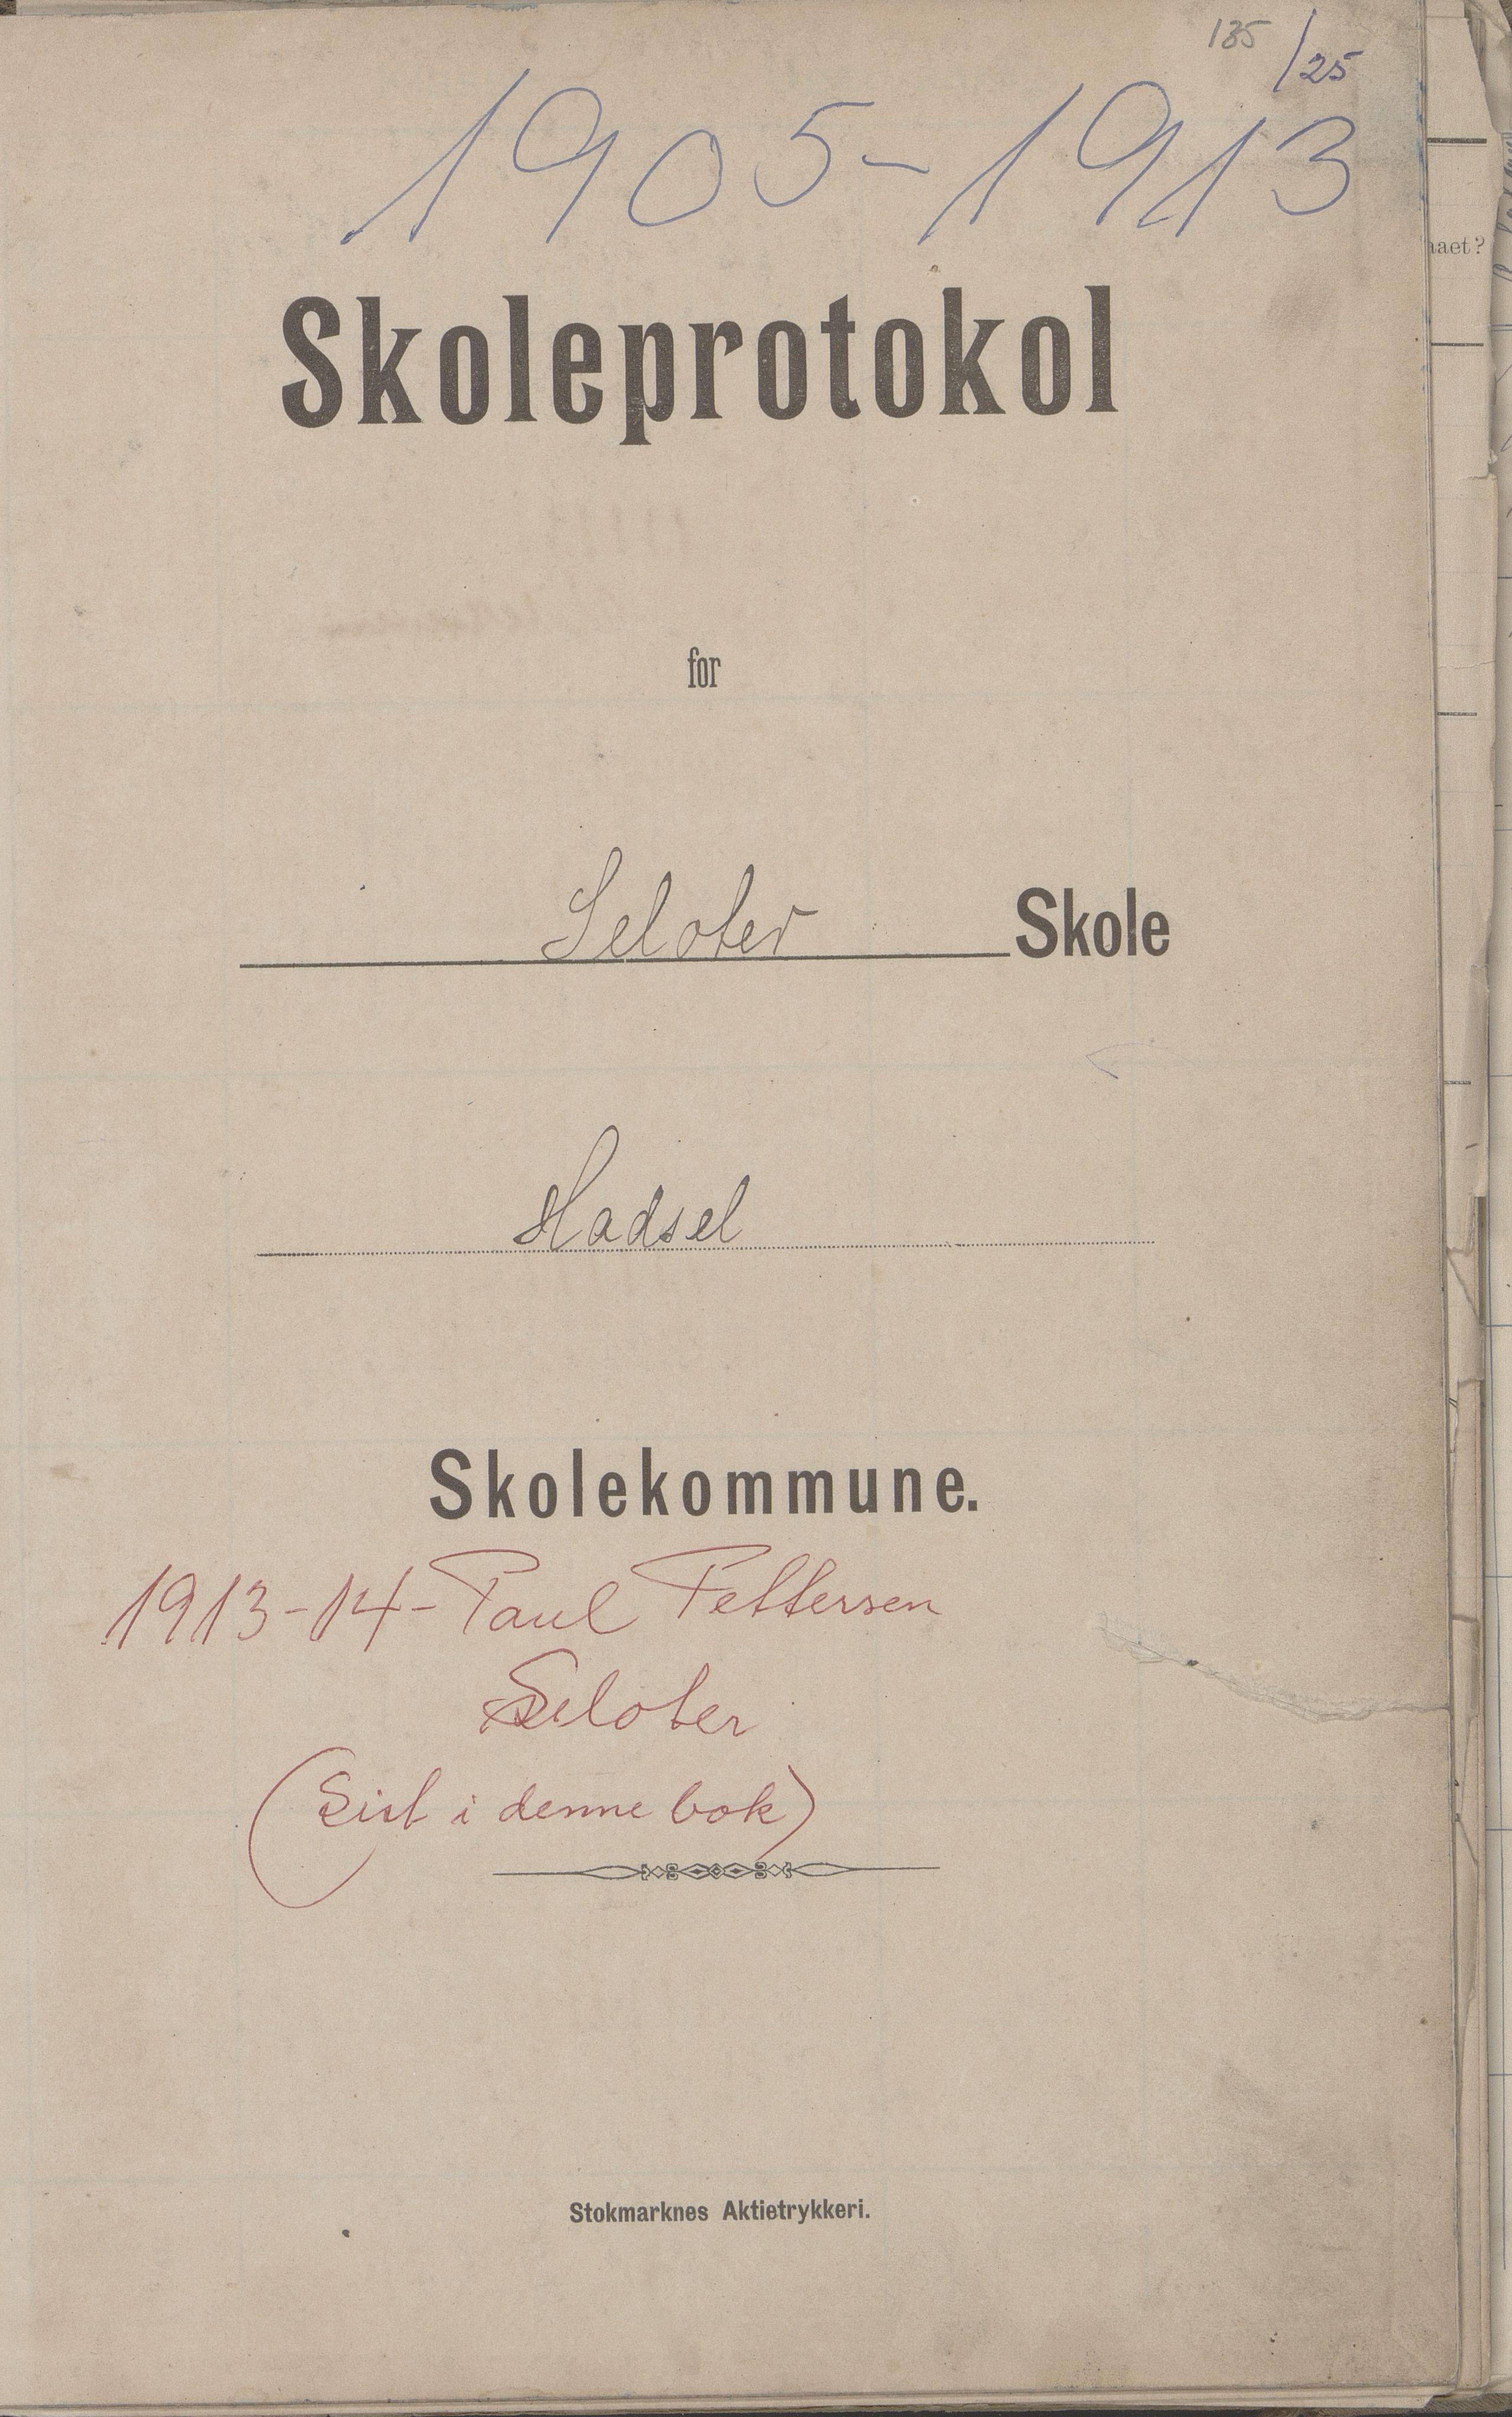 AIN, Hadsel kommune. Strønstad skolekrets, G/L0001: Skoleprotokoll for Strønstad skole - Seloter, 1905-1914